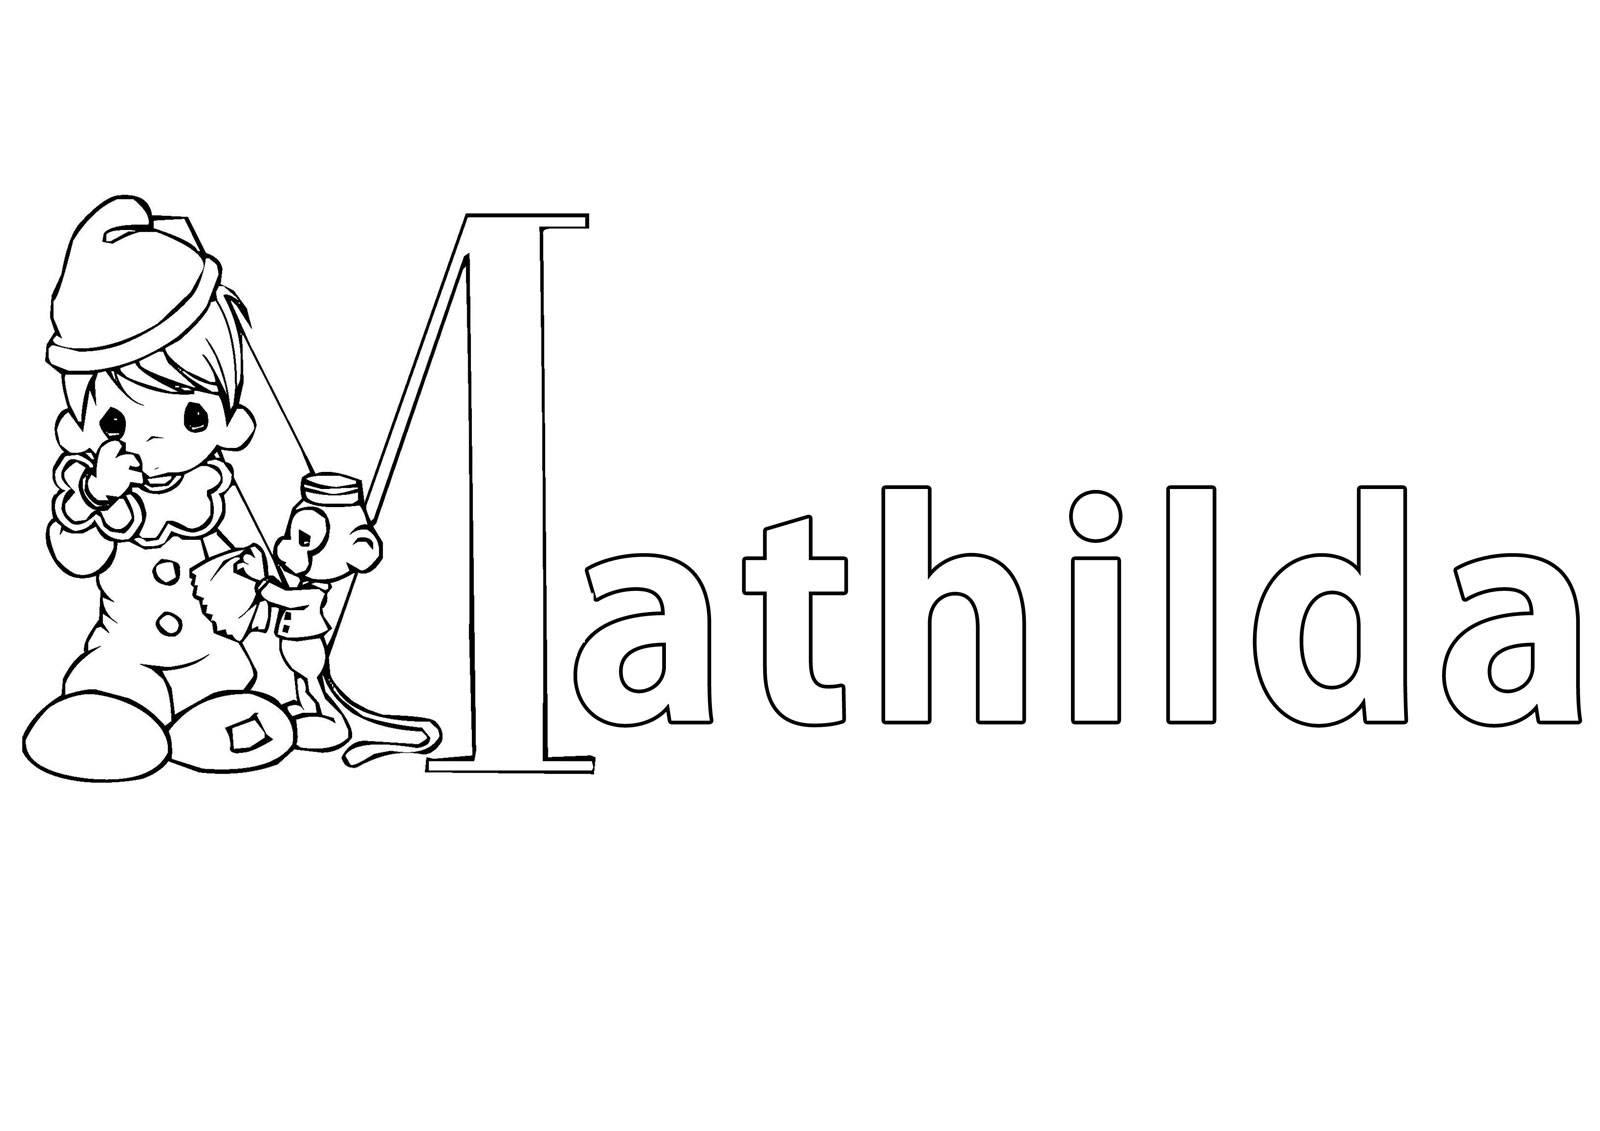 Ausmalbild Beliebte Mädchennamen: Vorname Mathilda ausmalen ...